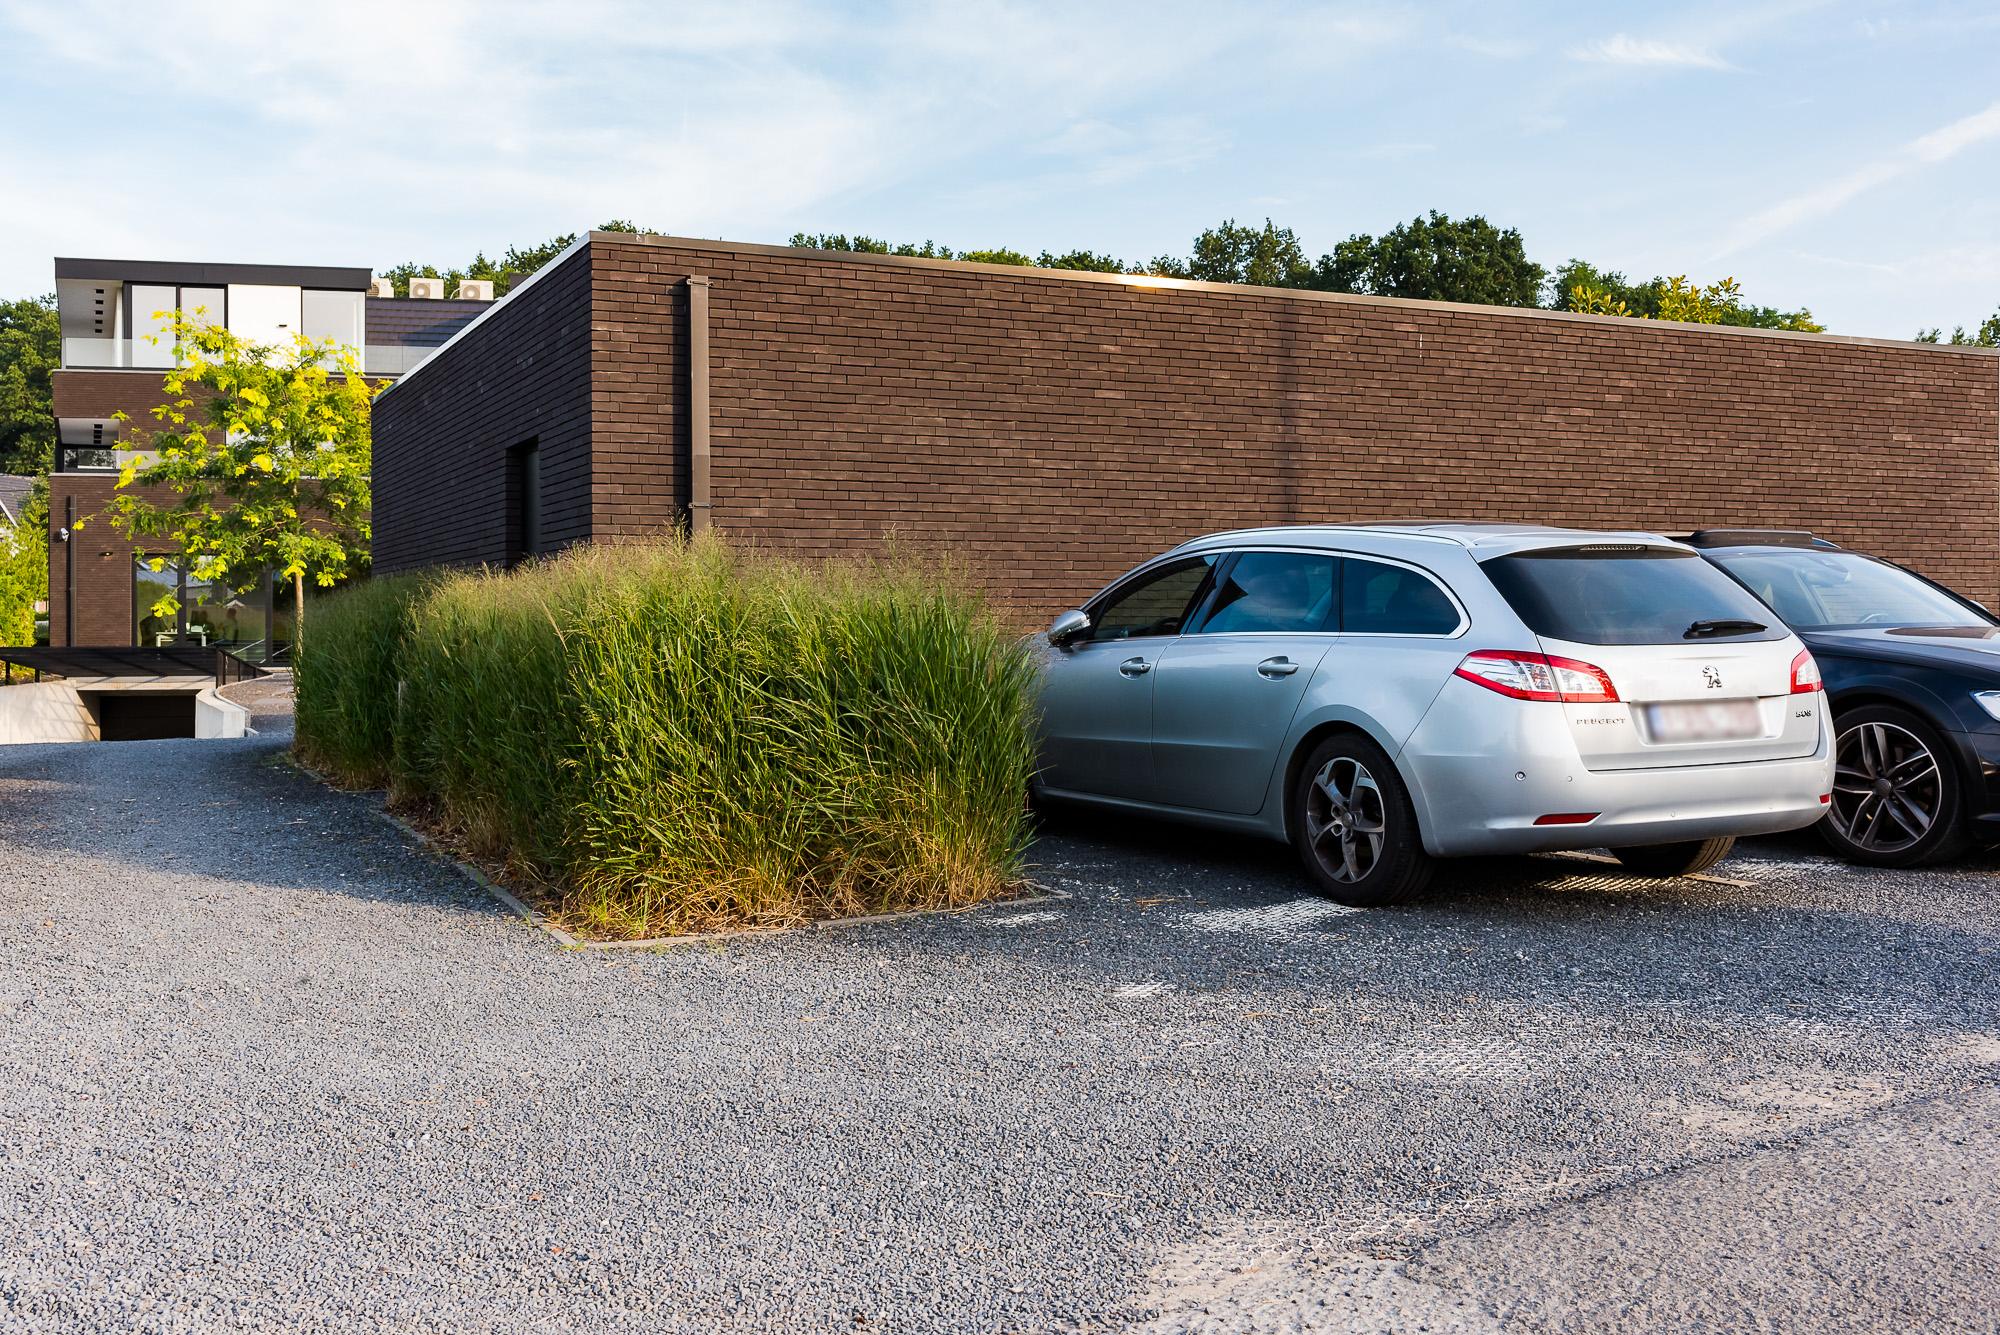 Parking clients